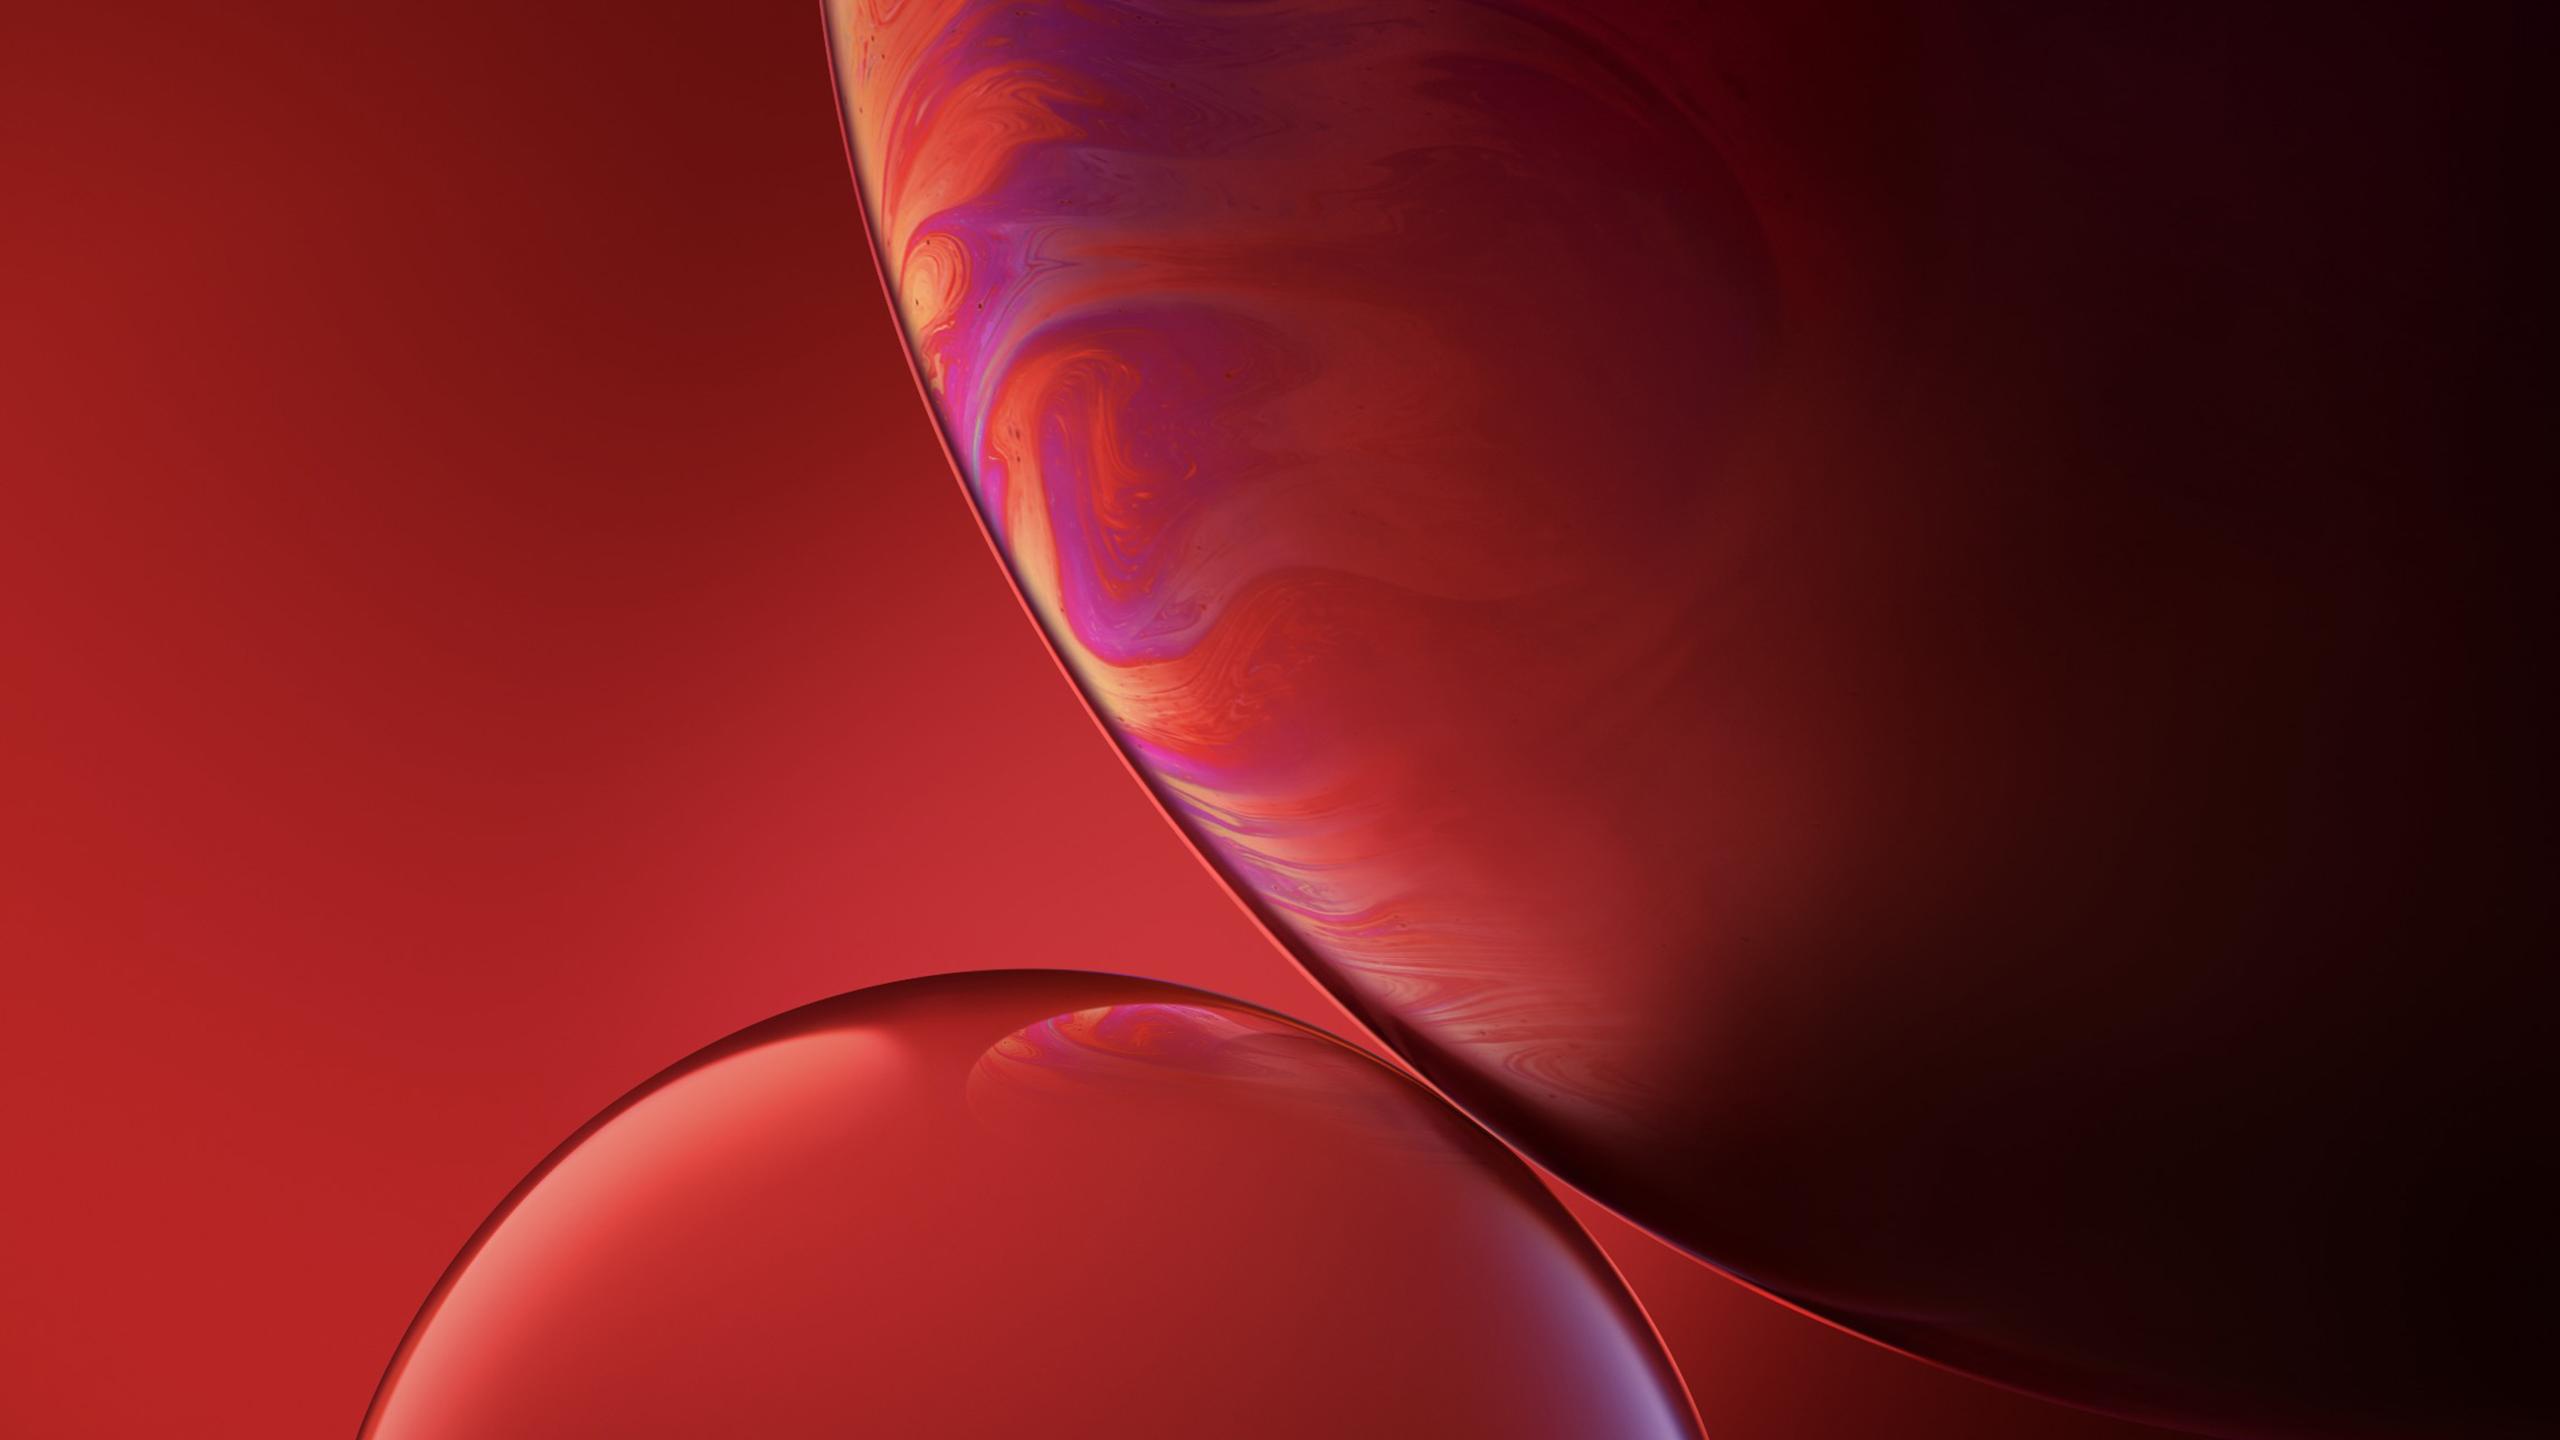 IPhone XR красные пузыри фондовой обои скачать